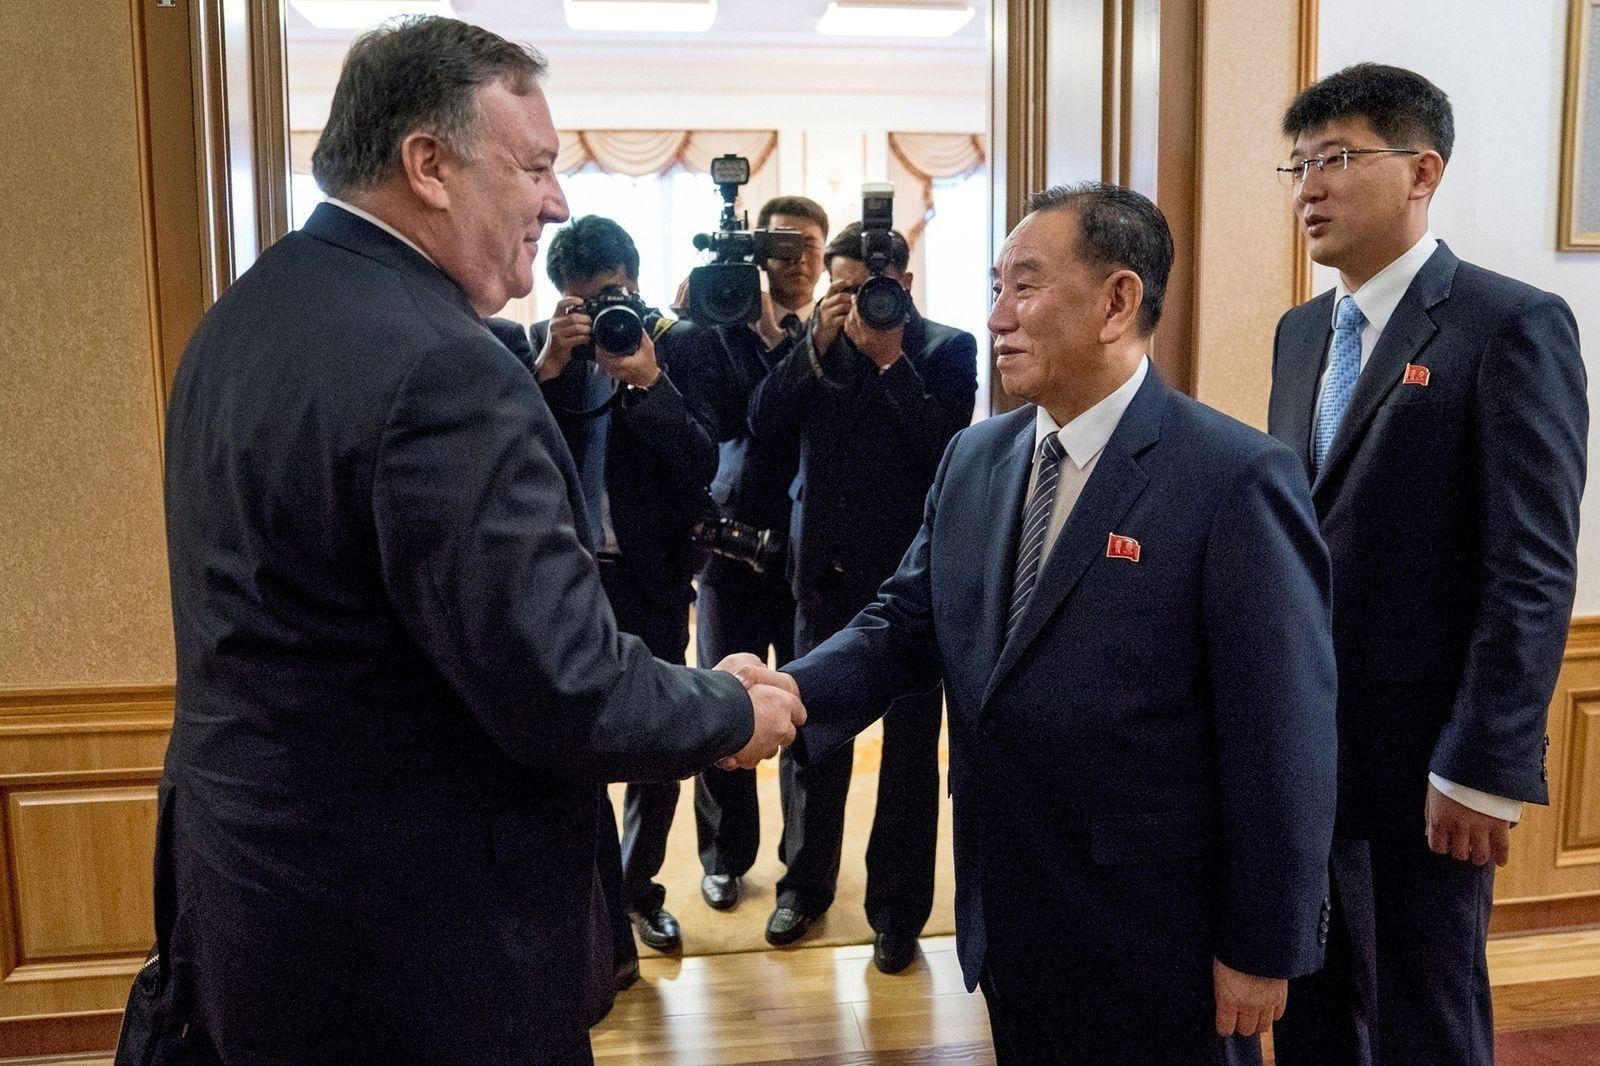 Солонгосын хойгийг цөмийн зэвсгээс ангижруулах зорилт бүтэлгүйтэж магадгүй болсныг Хойд Солонгос мэдэгдлээ